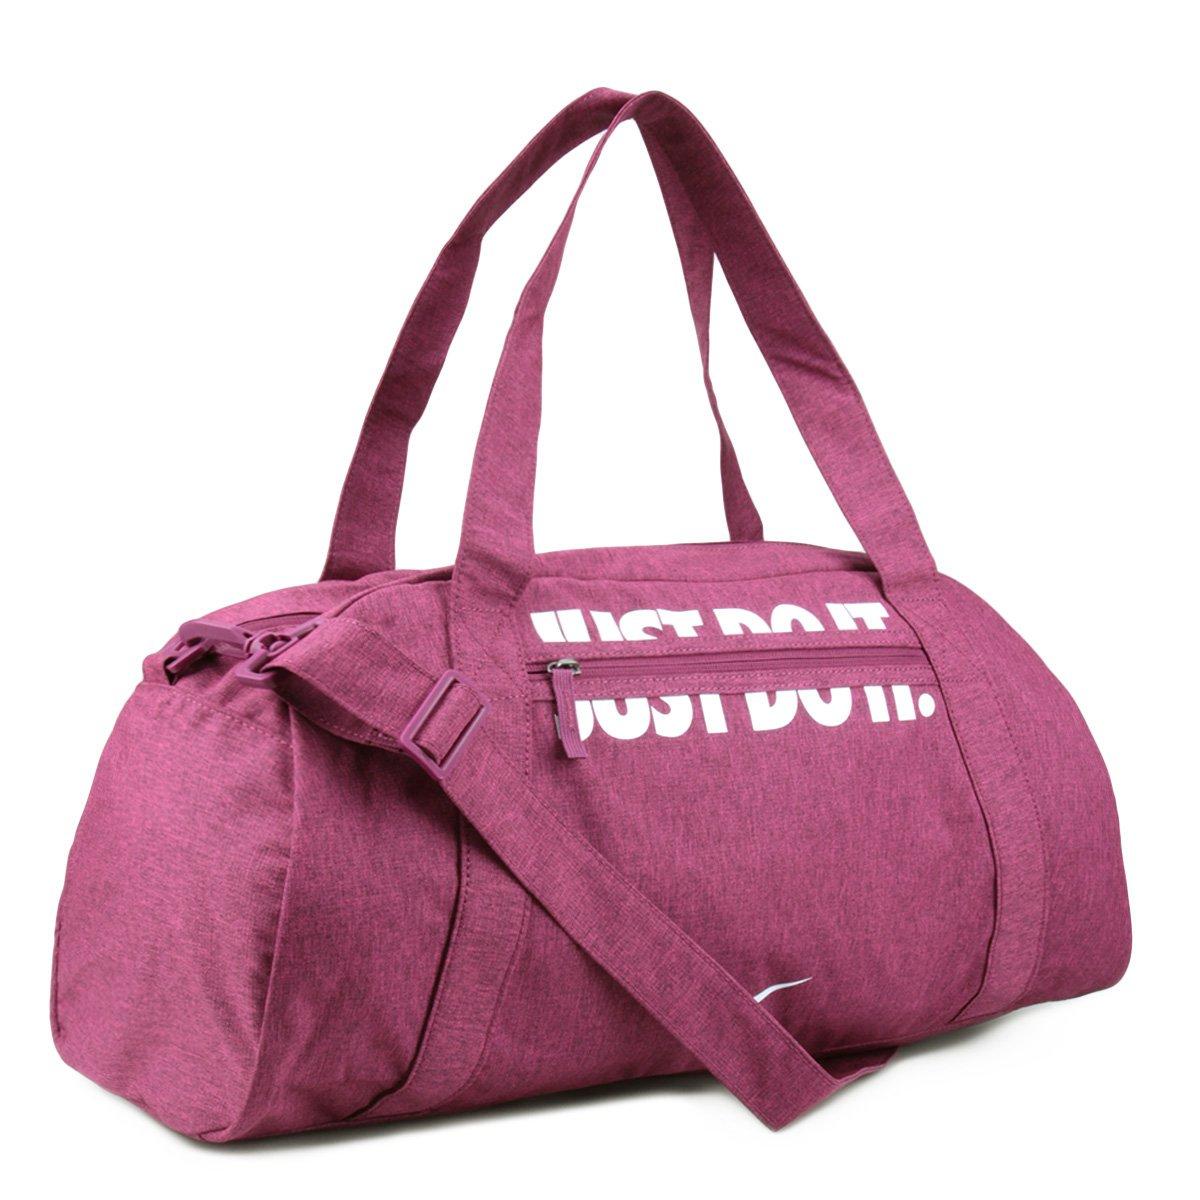 E Netshoes Feminina Club Branco Compre Bolsa Rosa Nike Agora Gym nzW7v a0a937d44170c